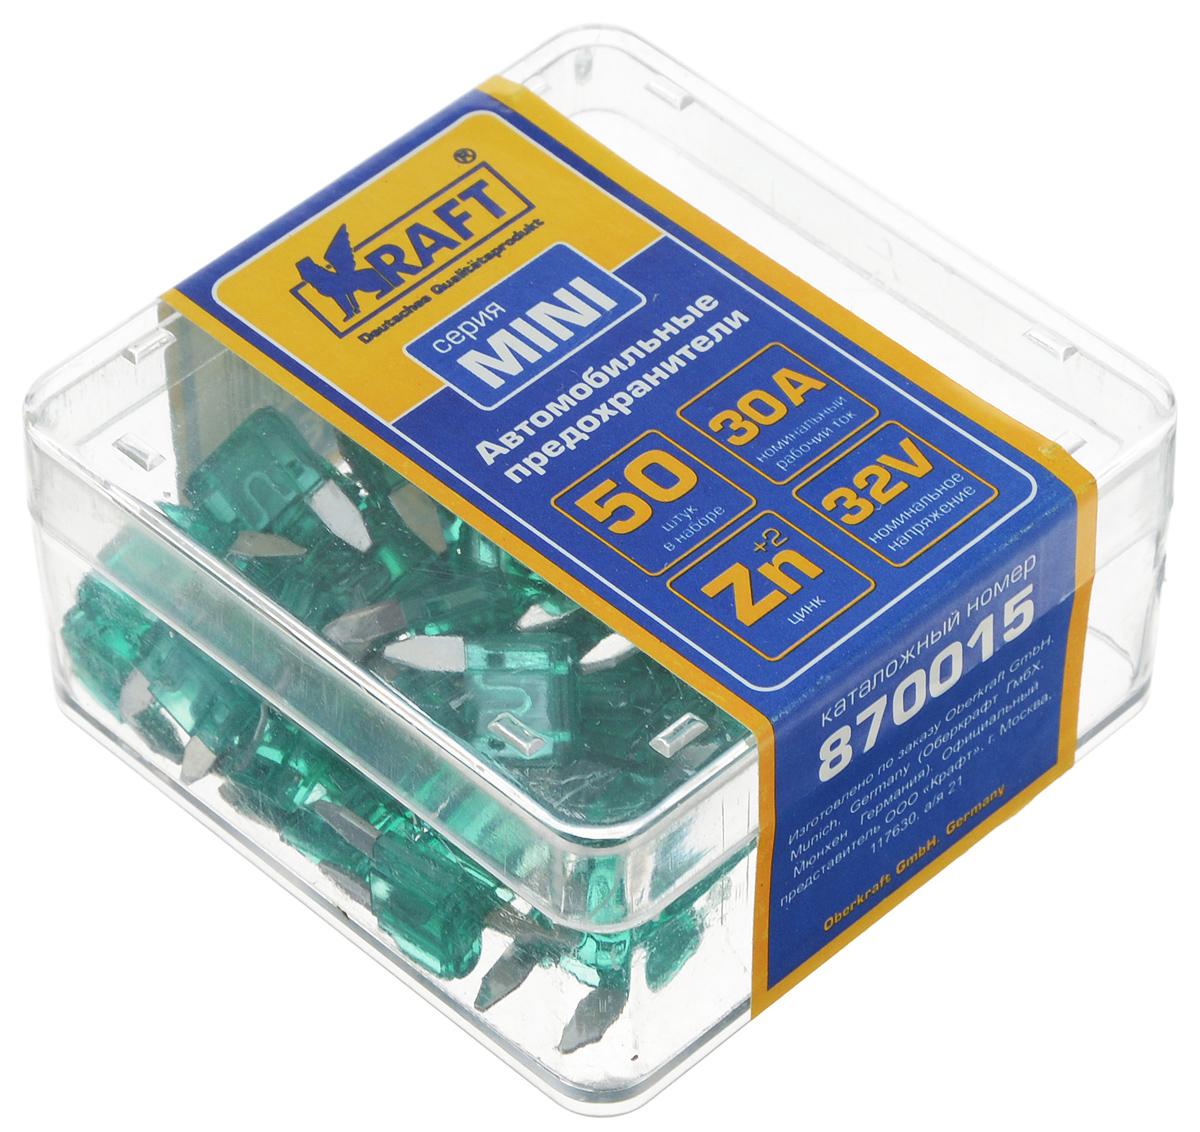 Набор автомобильных предохранителей Kraft Мини, 30А, 50 шт2012506200424Набор Kraft Мини состоит из 50 автомобильных предохранителей номиналом 30А. Изготовлены из цинка и пластика. Поставляются в пластиковой коробке. Номинальное напряжение: 32V. Номинальный рабочий ток: 30А.